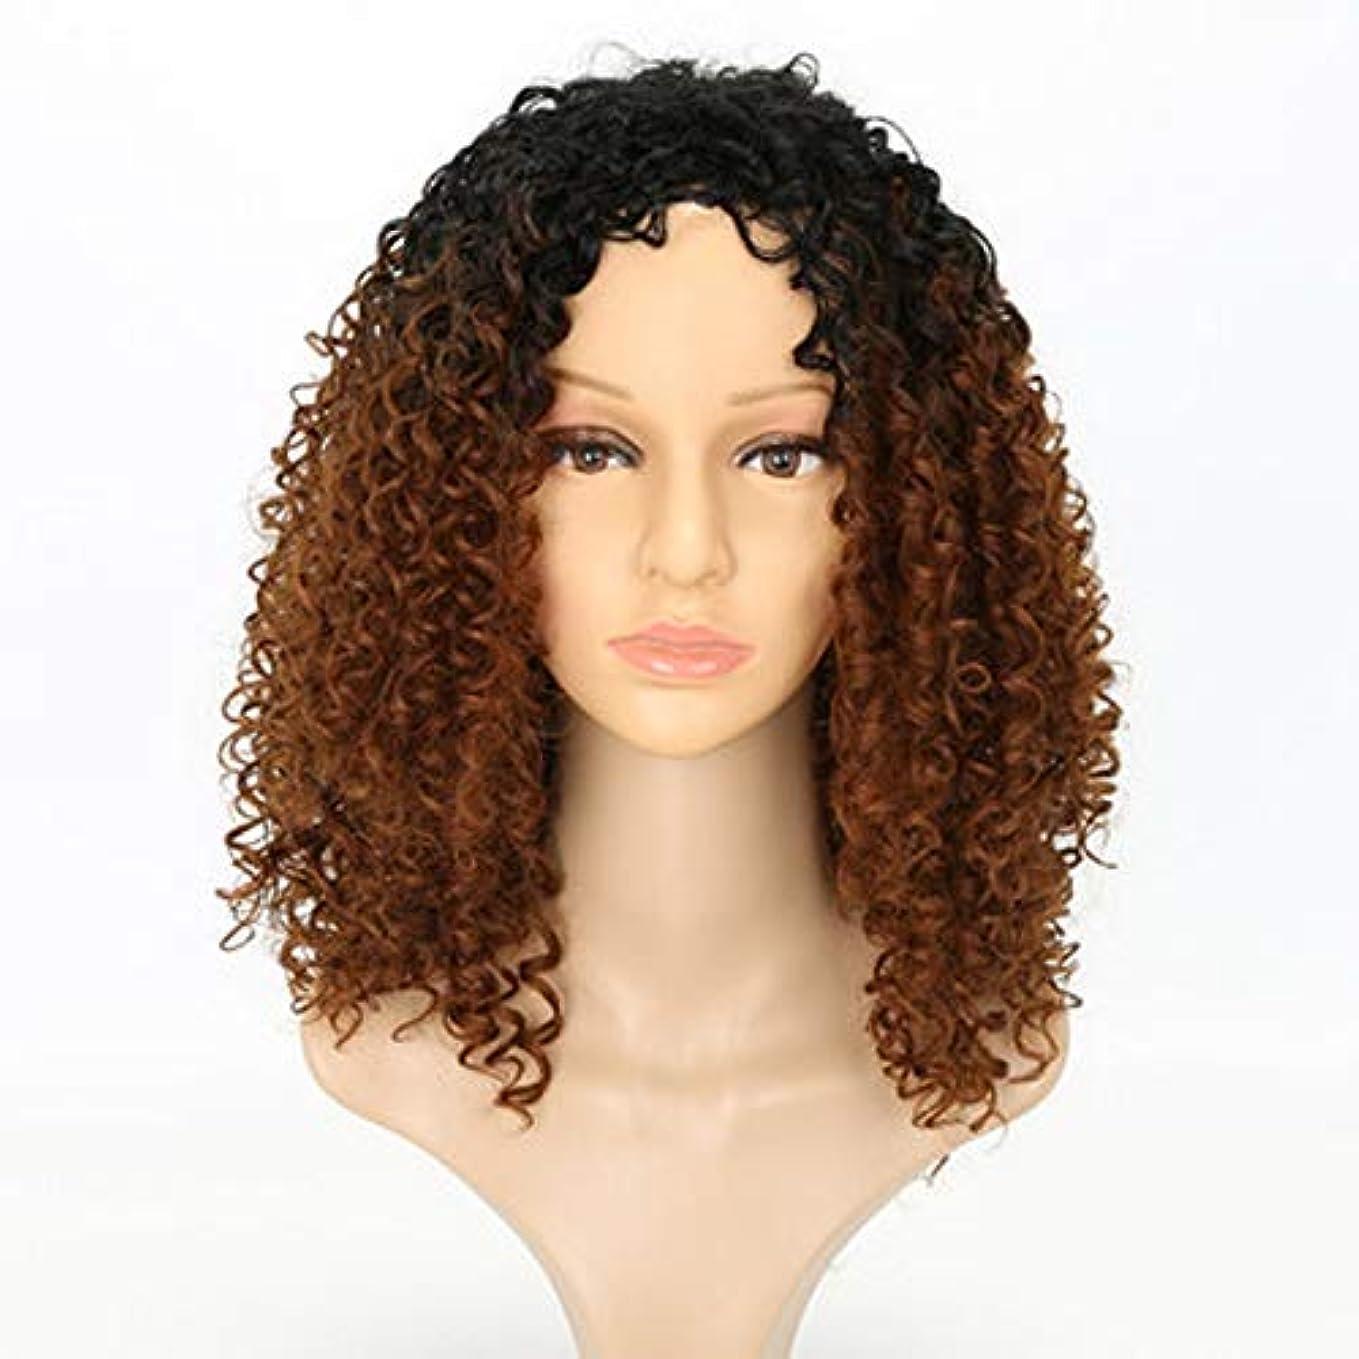 池改善有名女性のための色のかつら長いウェーブのかかった髪、高密度温度合成かつら女性のグルーレスウェーブのかかったコスプレヘアウィッグ、女性のための耐熱繊維の髪のかつら、茶色のウィッグ18インチ